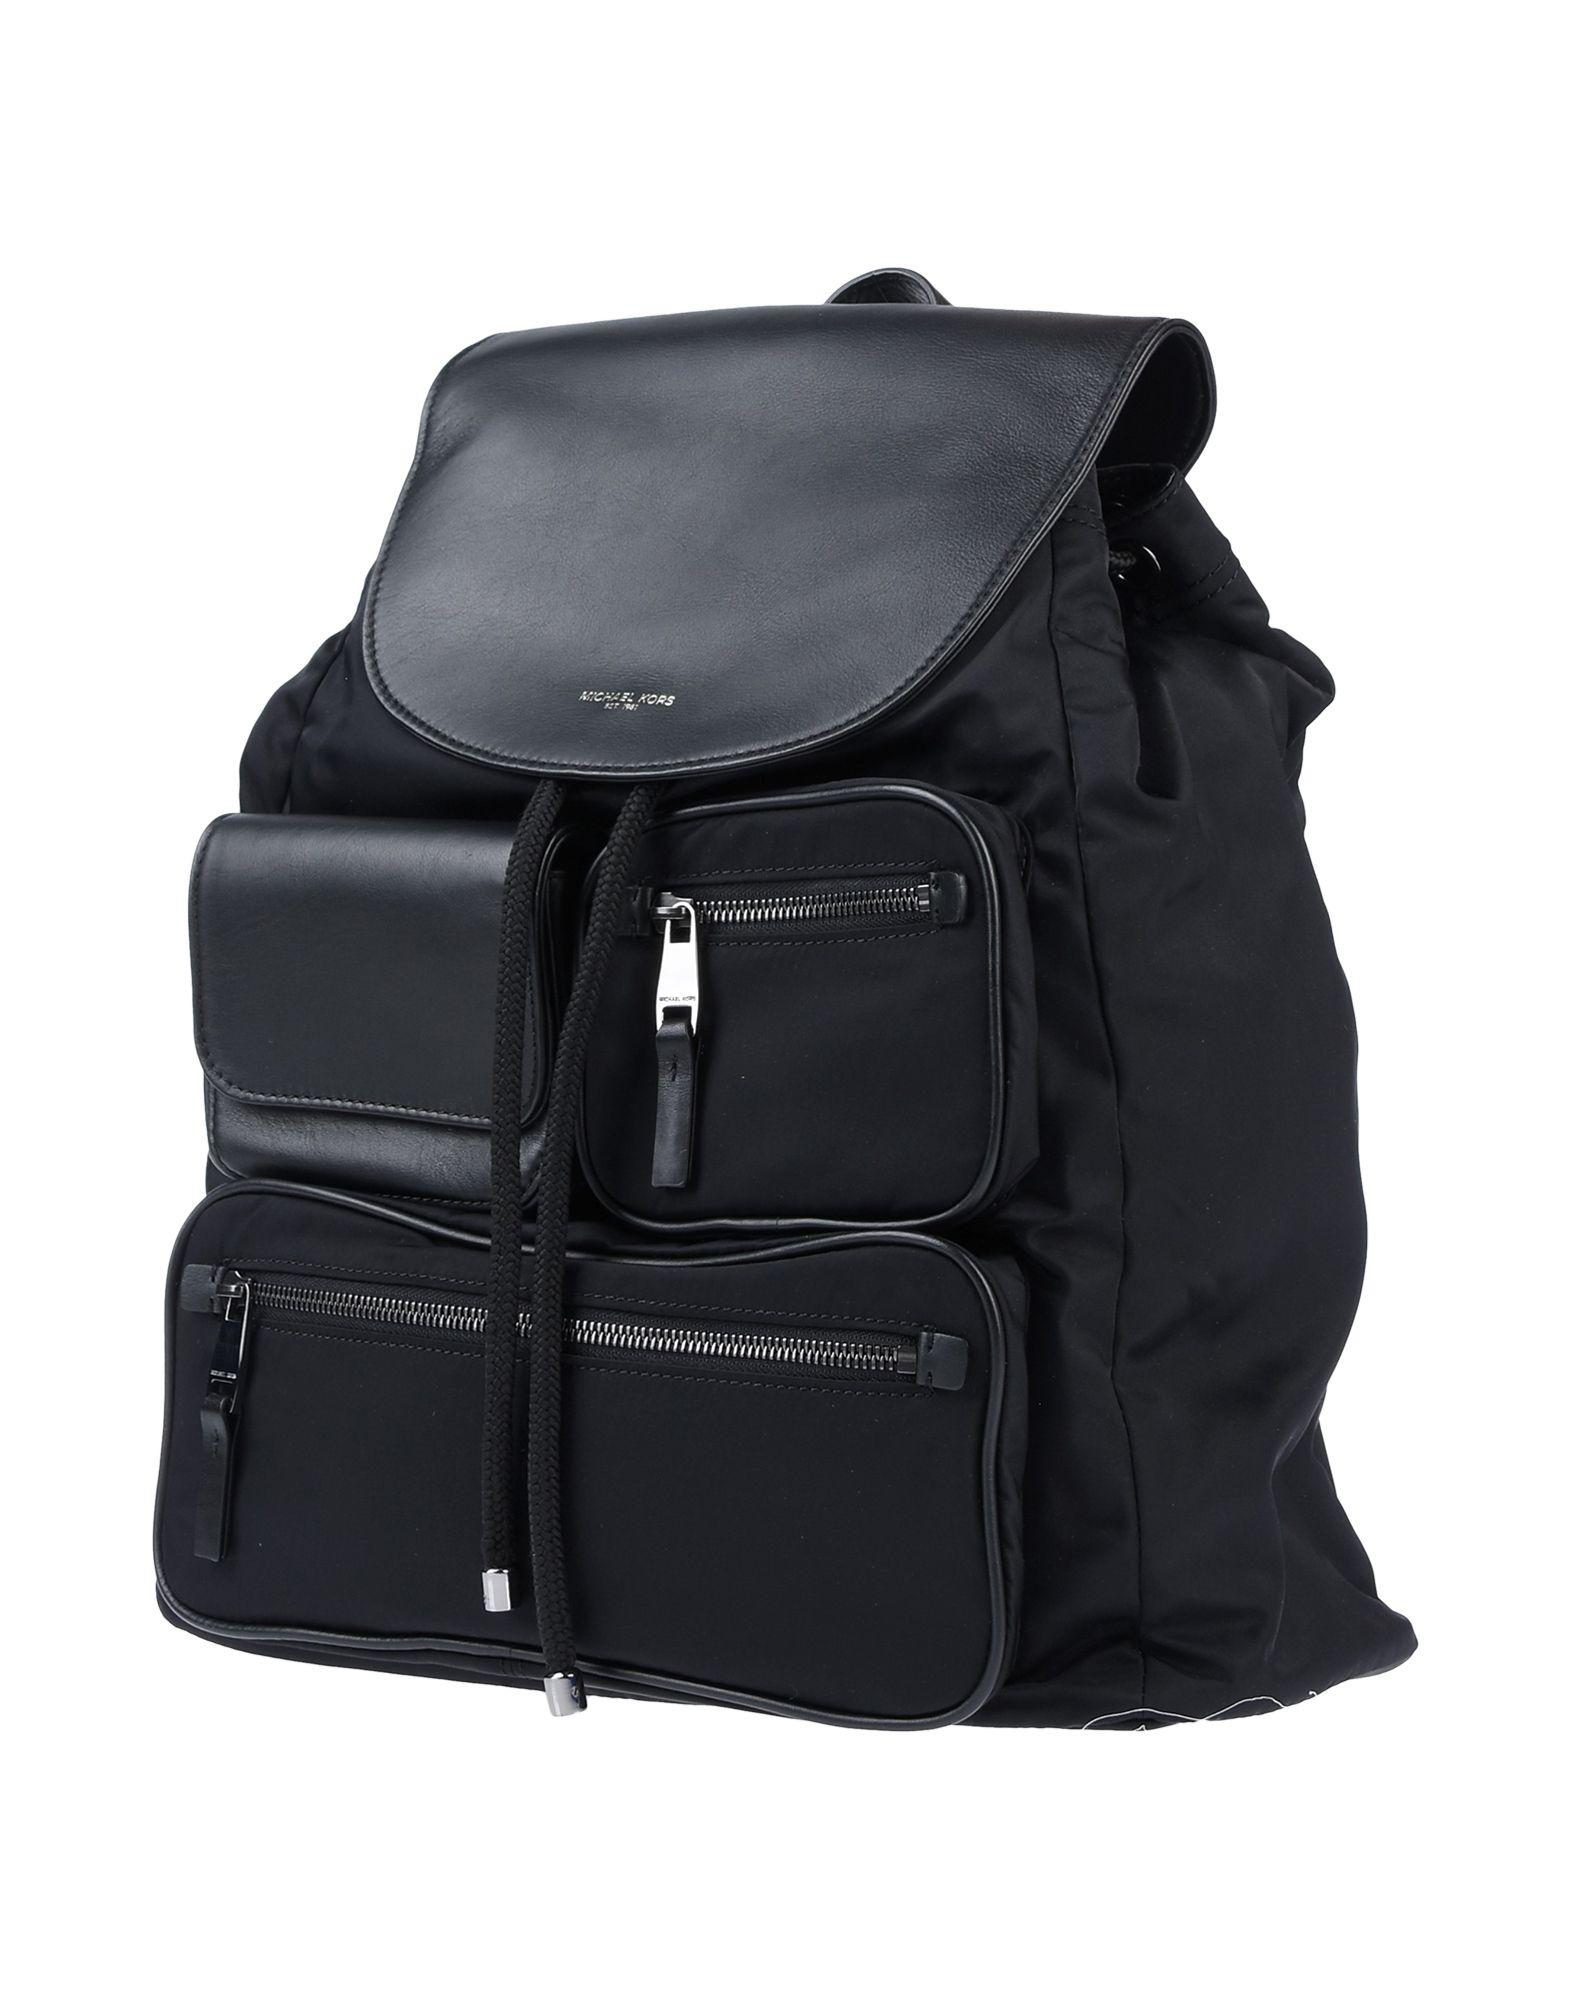 MICHAEL KORS MENS Рюкзаки и сумки на пояс сумки michael kors официальный сайт интернет